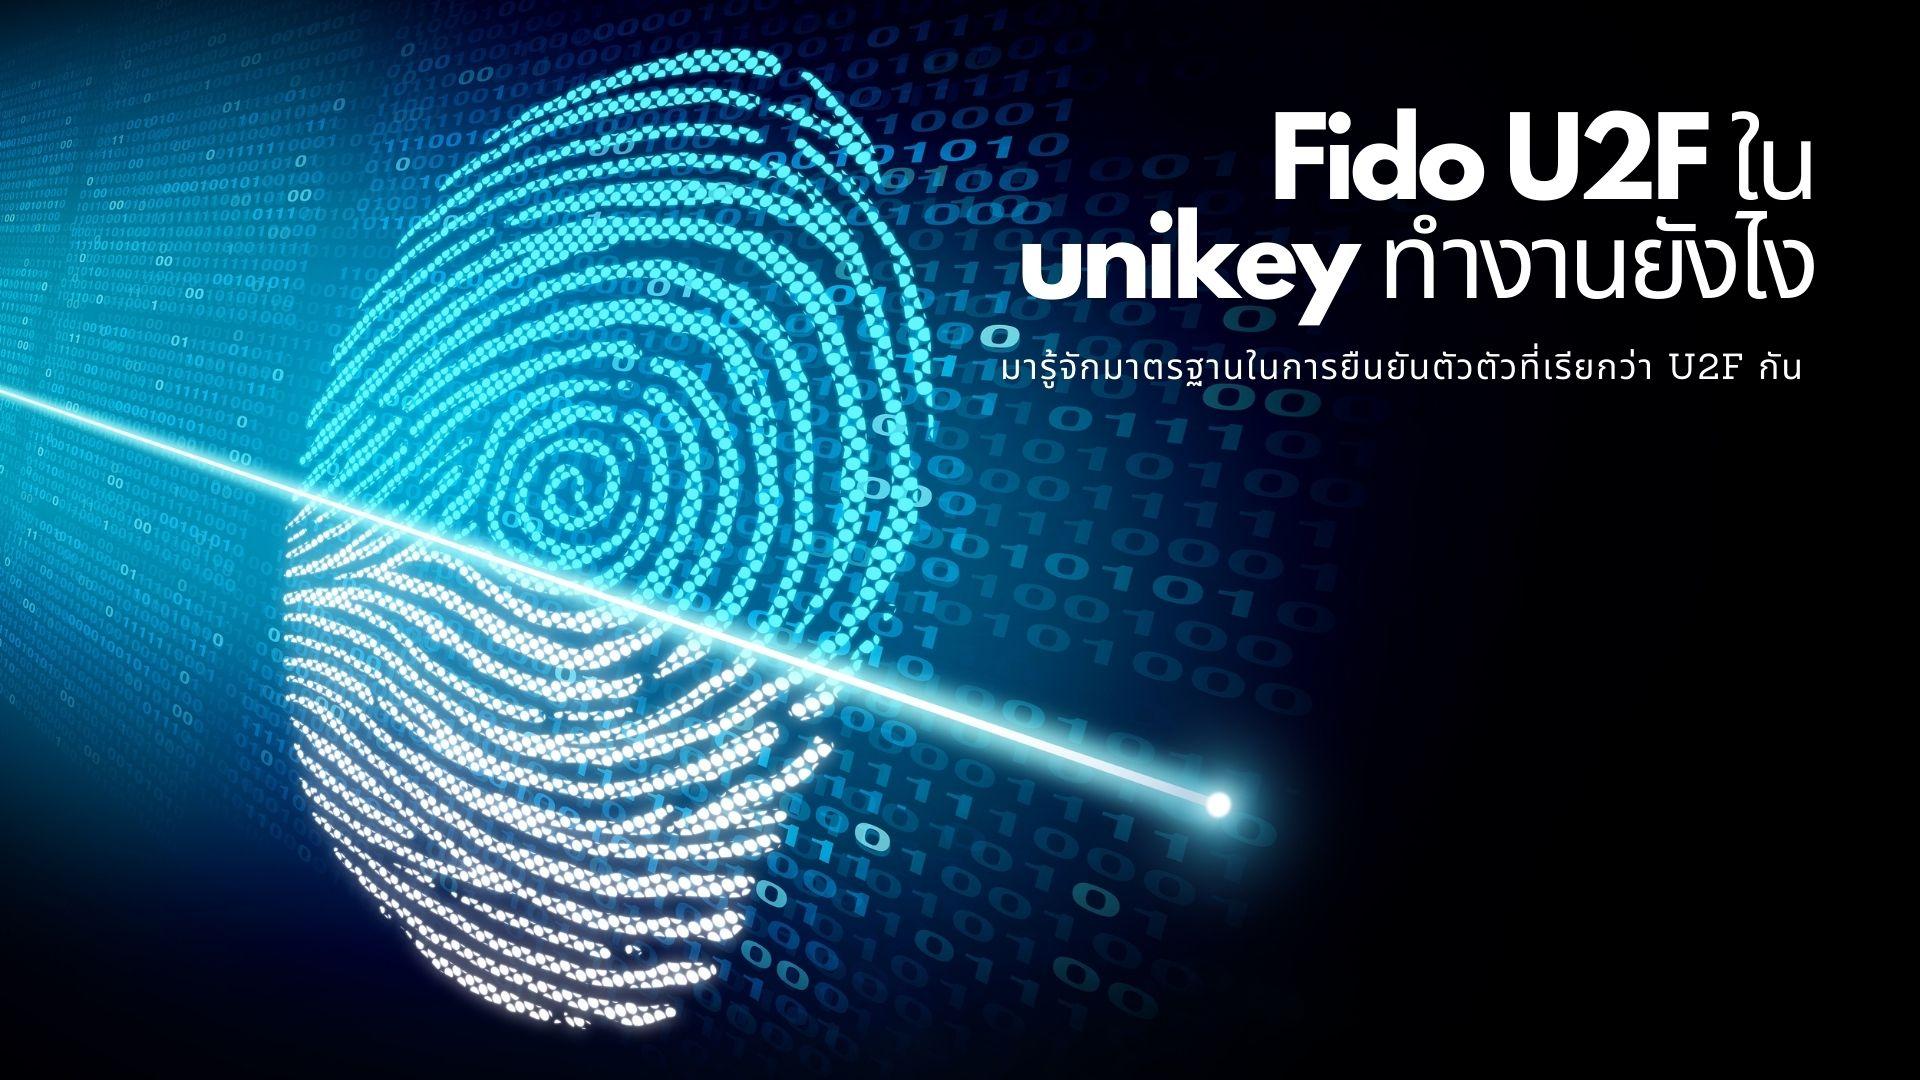 หลักการทำงานของ Fido U2F ใน unikey